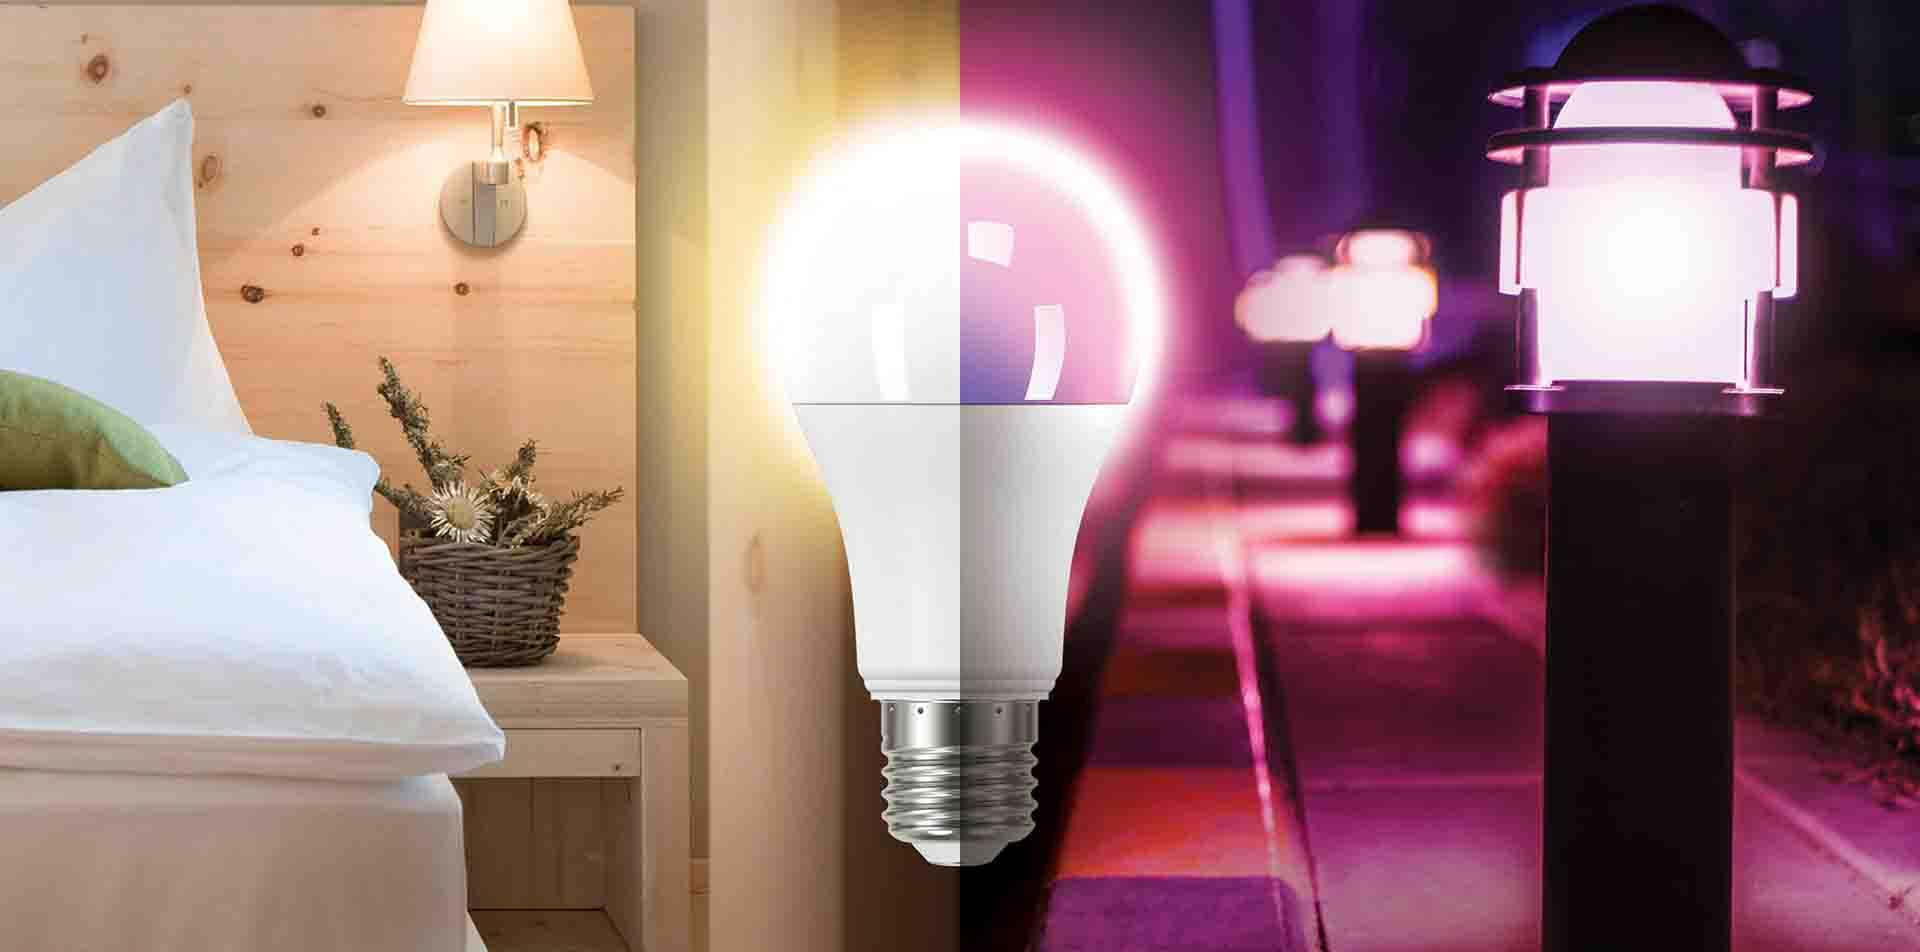 راهنمای خرید: خصوصیات لامپ های led چیست؟